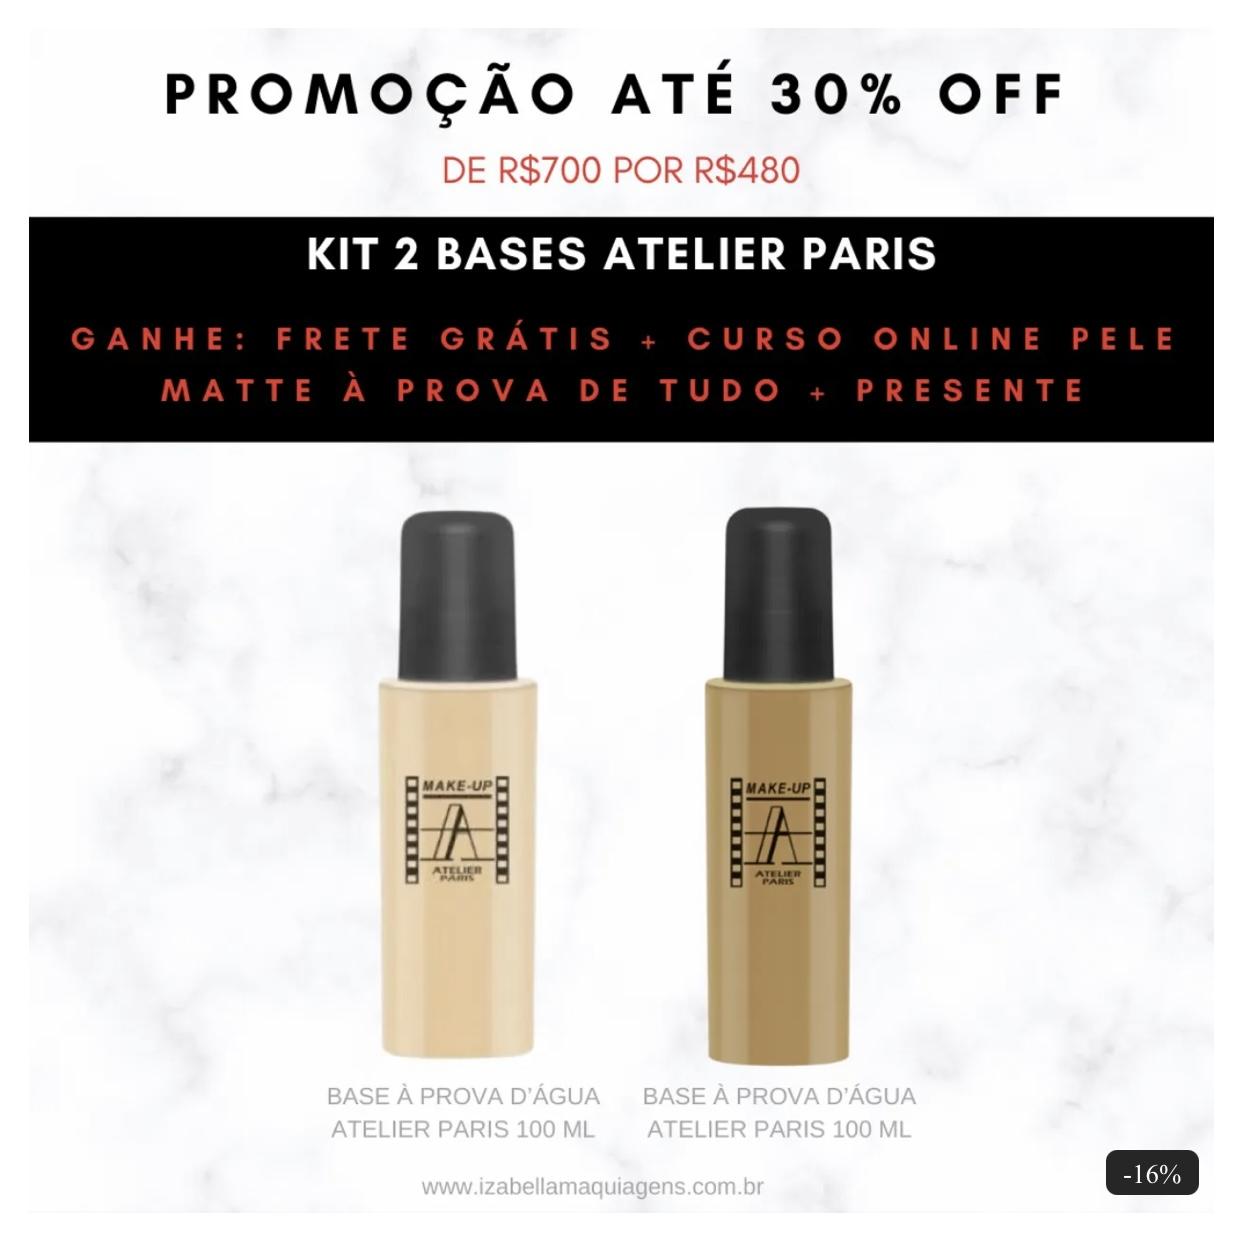 Kit Base Atelier Paris 100ml 1Y + 4Y